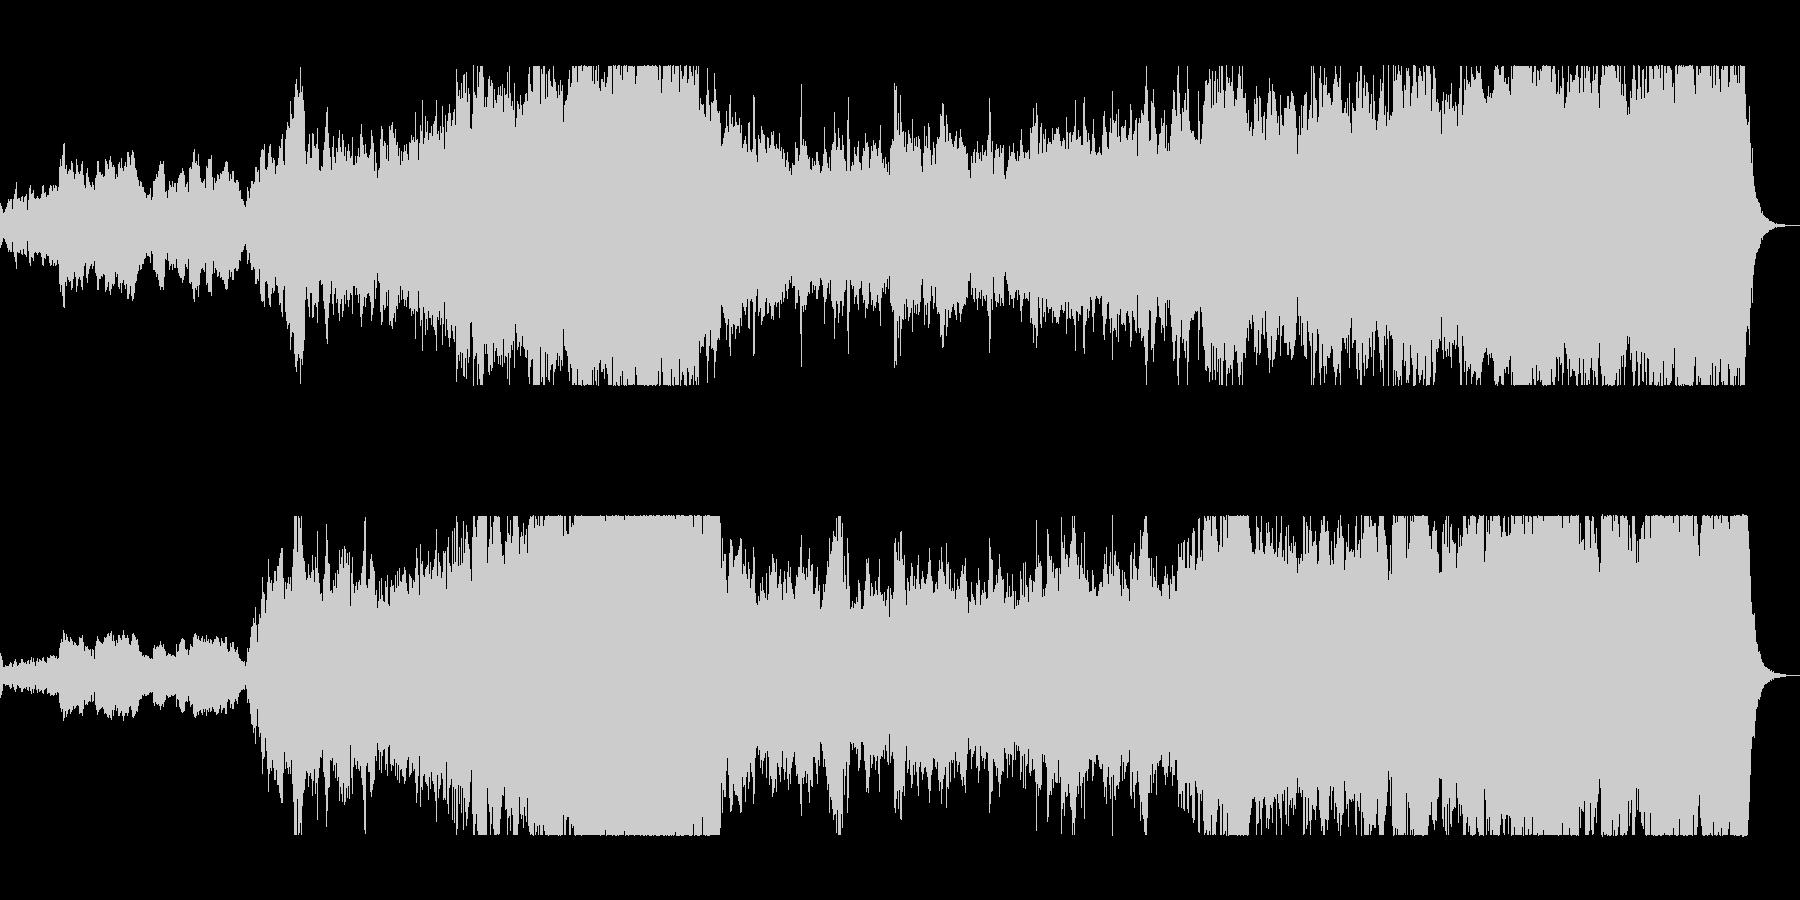 雄大で豪華なシンセ管楽器サウンドの未再生の波形